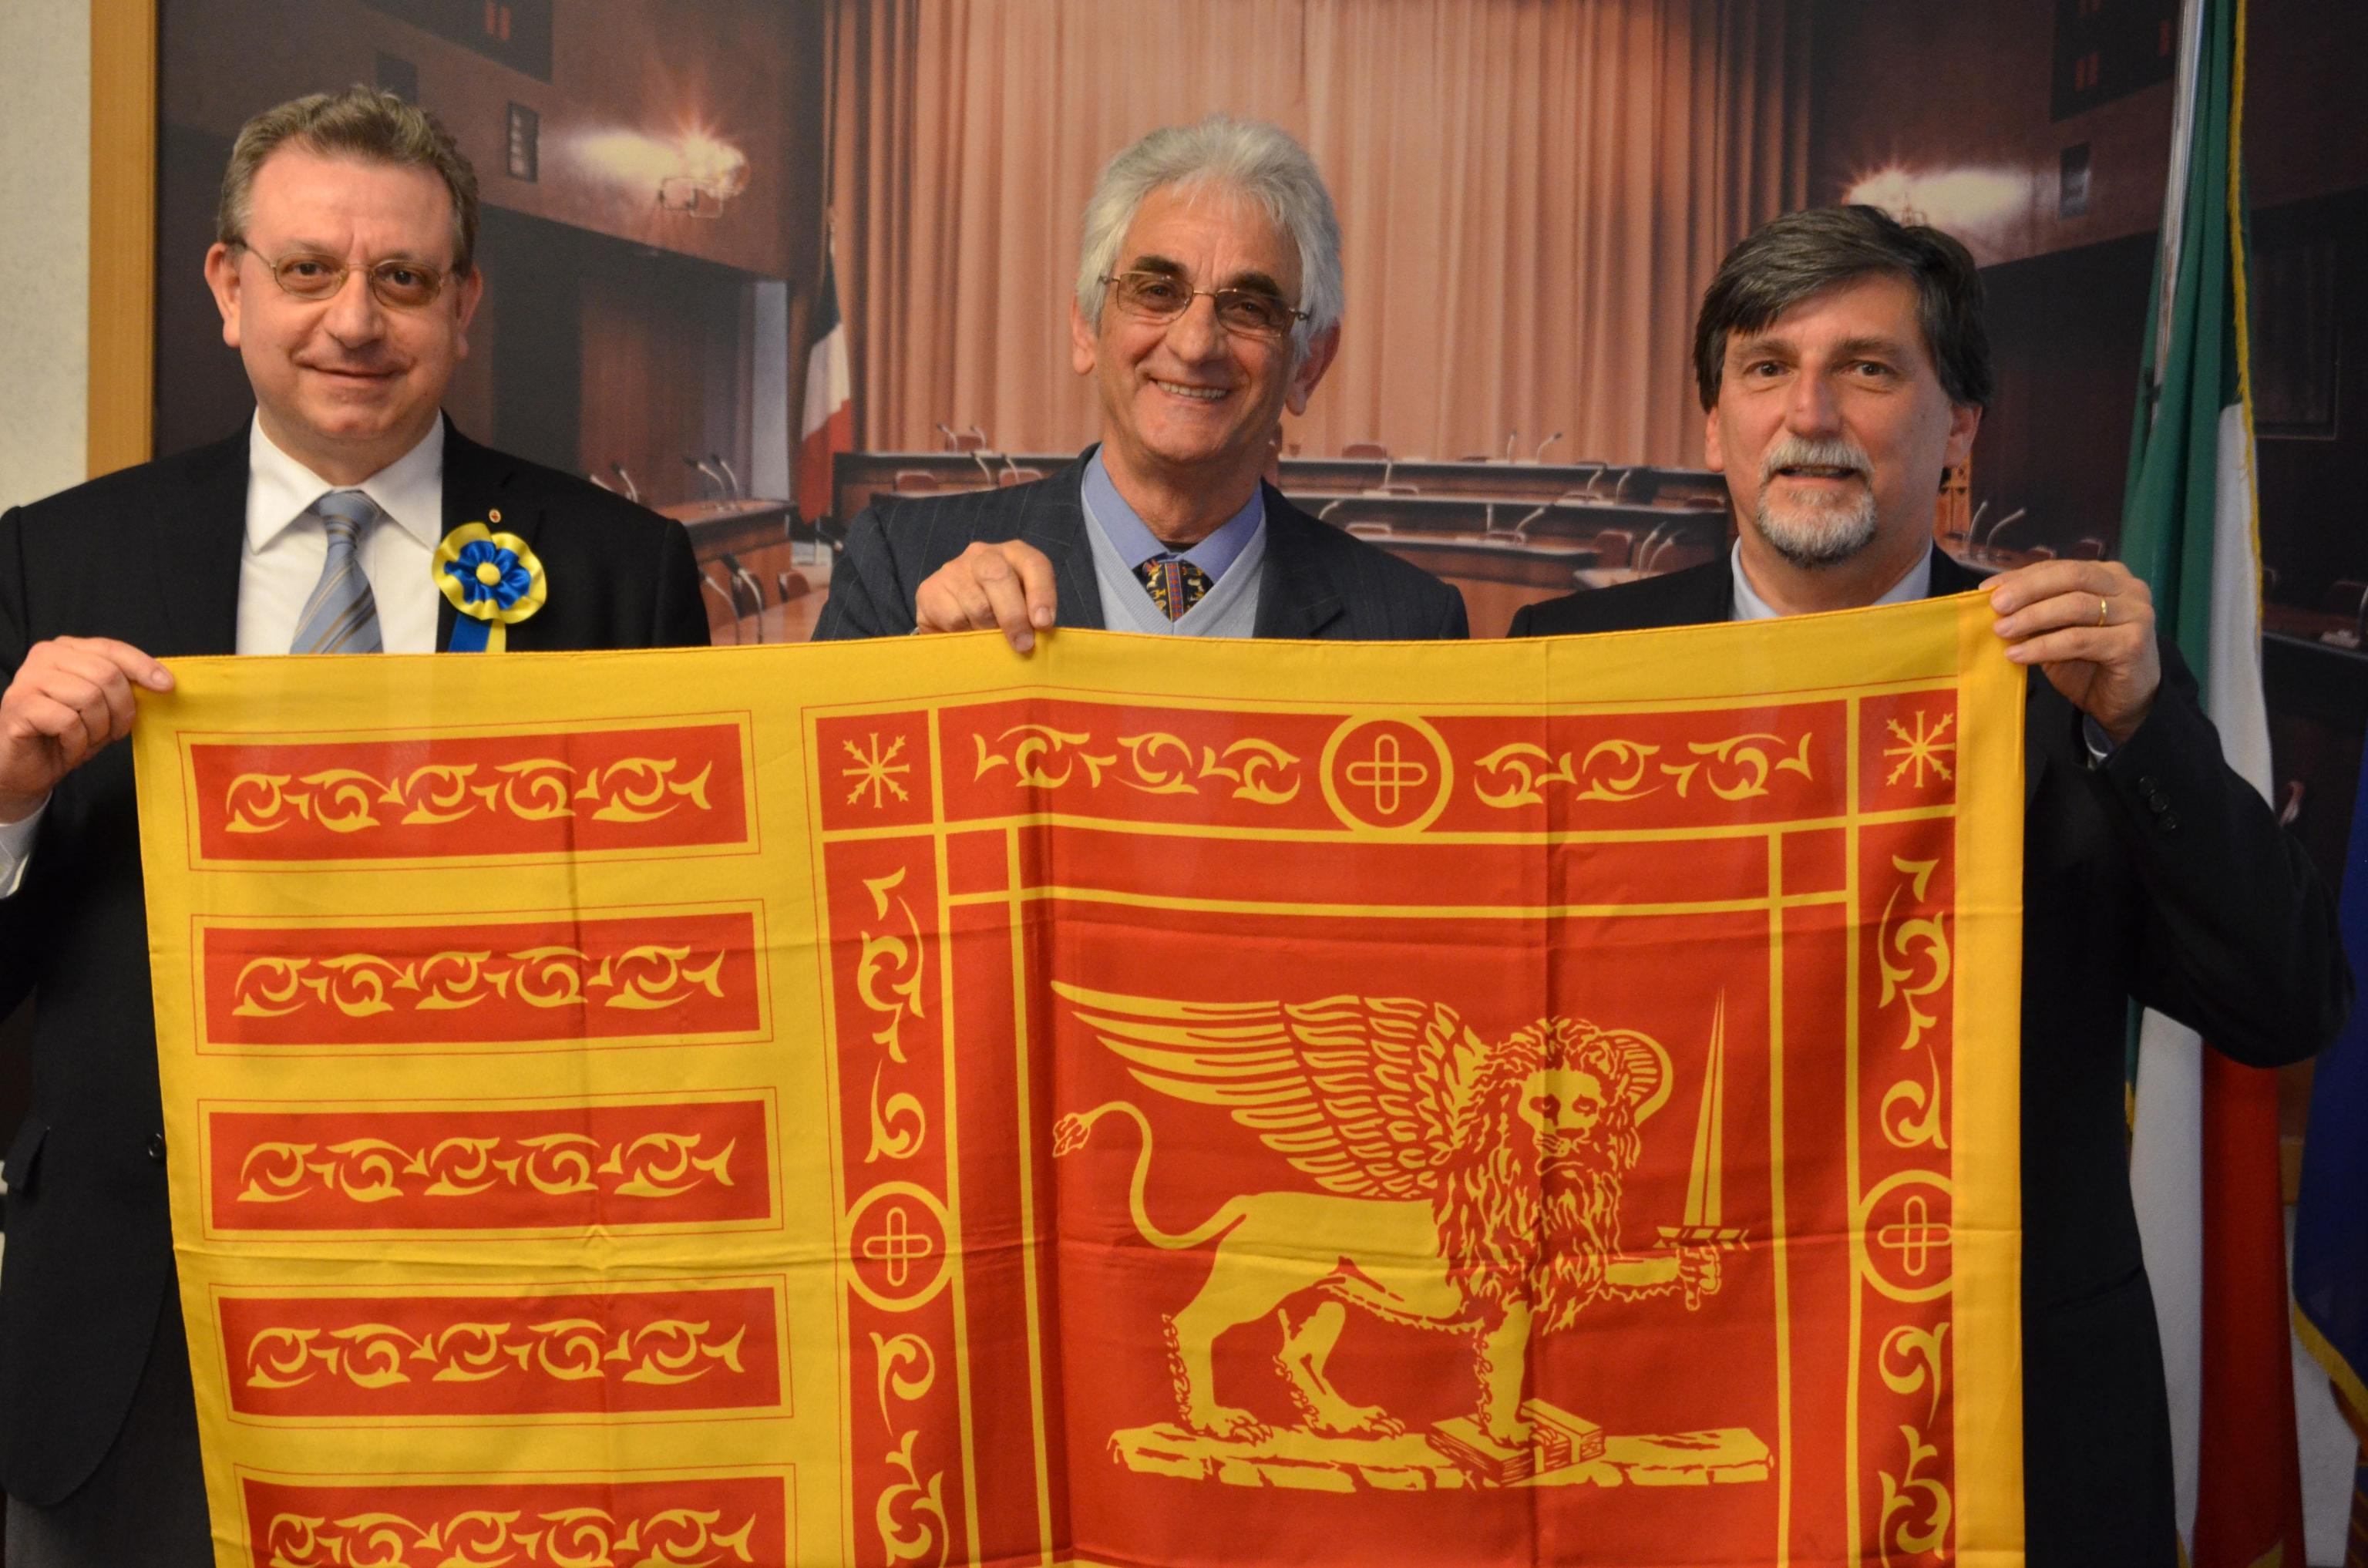 Comitato 'Veneto indipendente', serve referendum 'ufficiale'